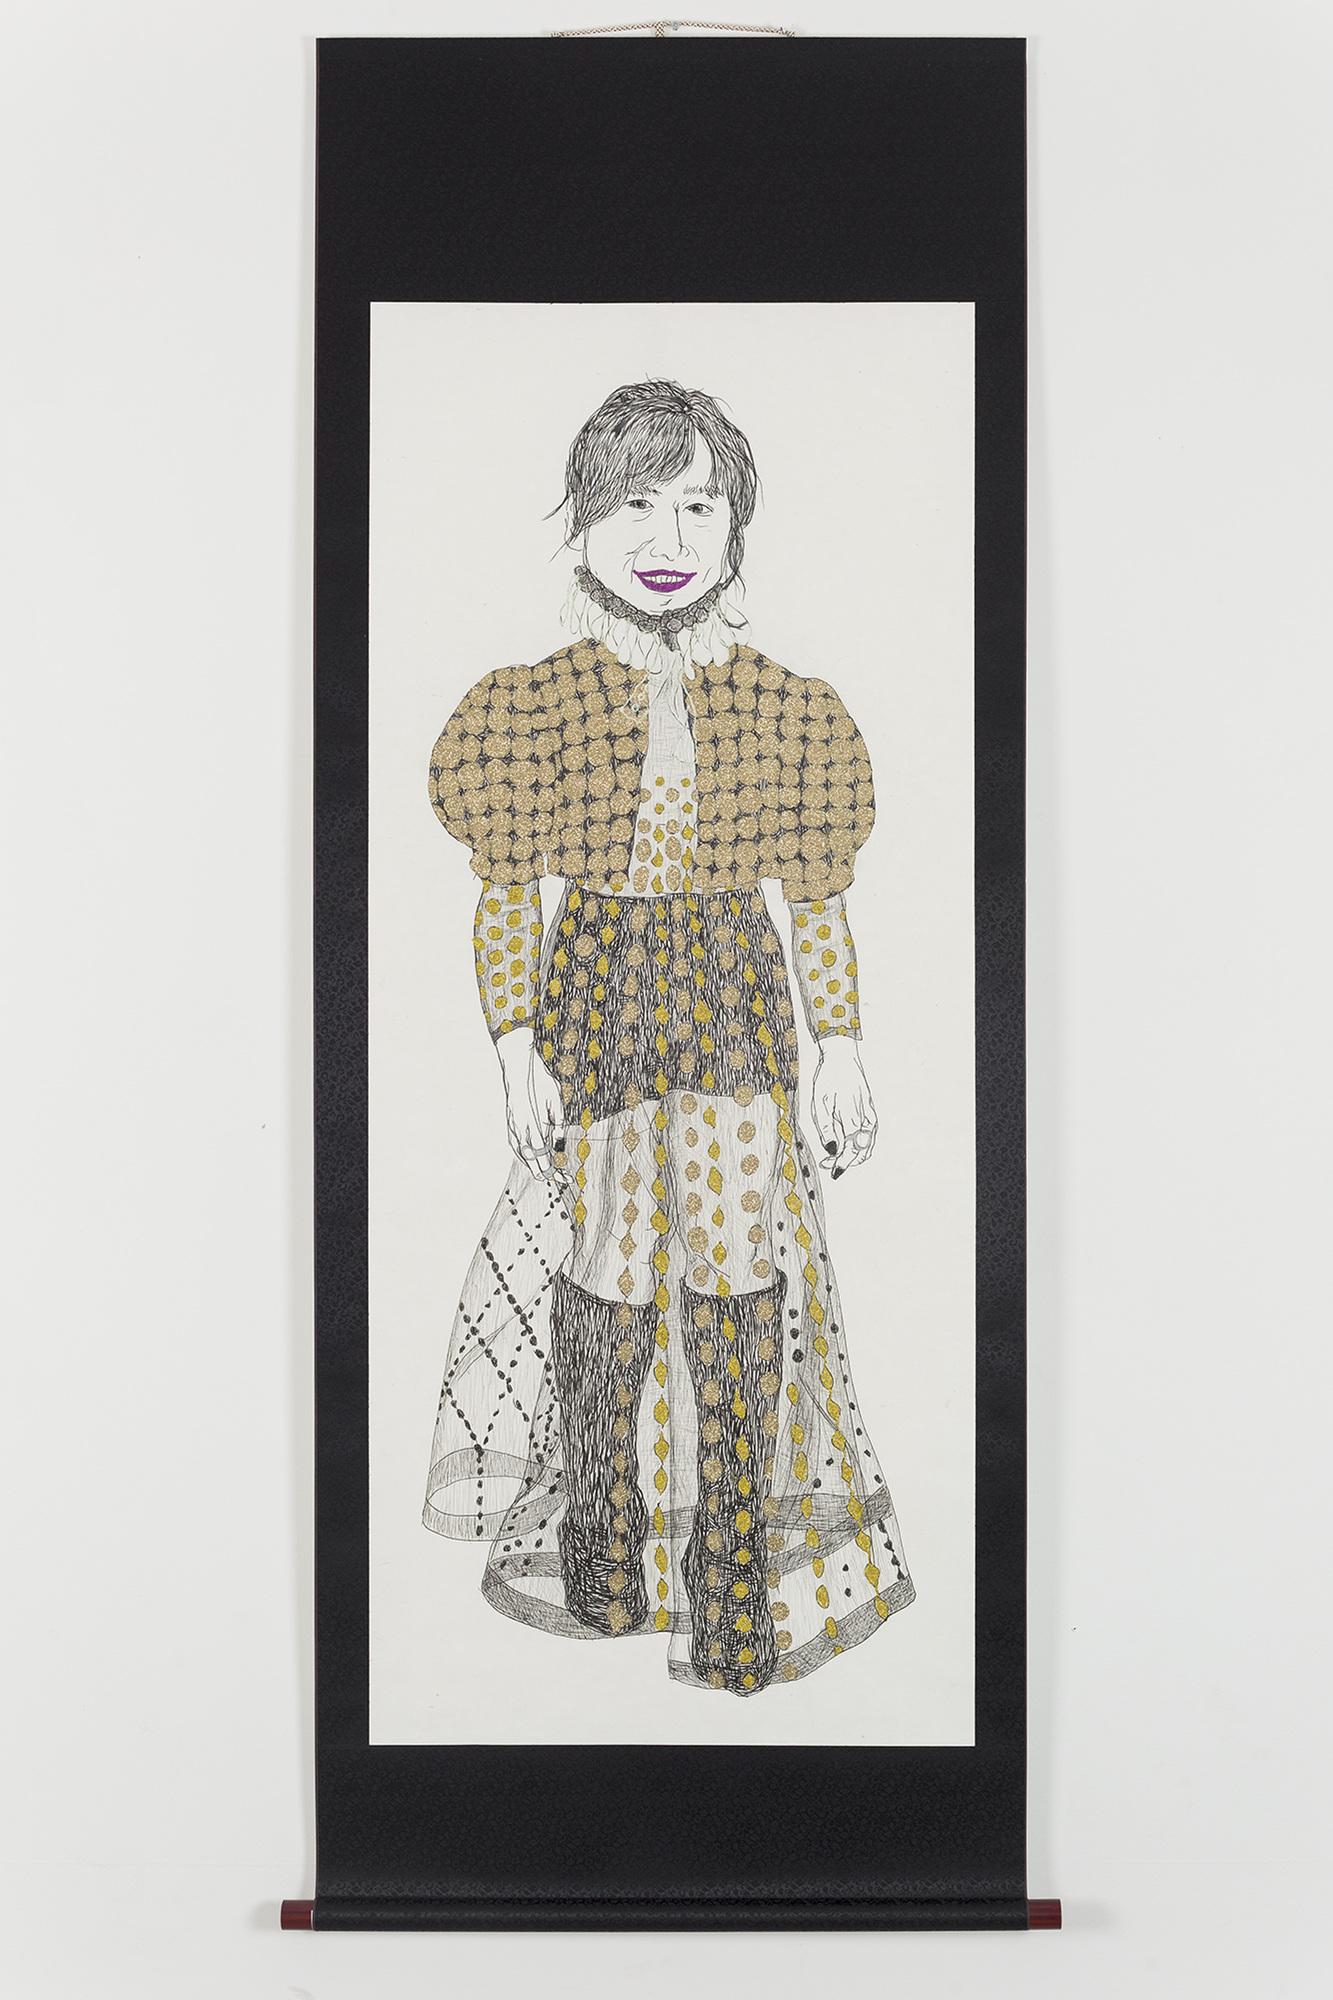 성지 언니, 170x64cm, 한지에 혼합재료, 2017